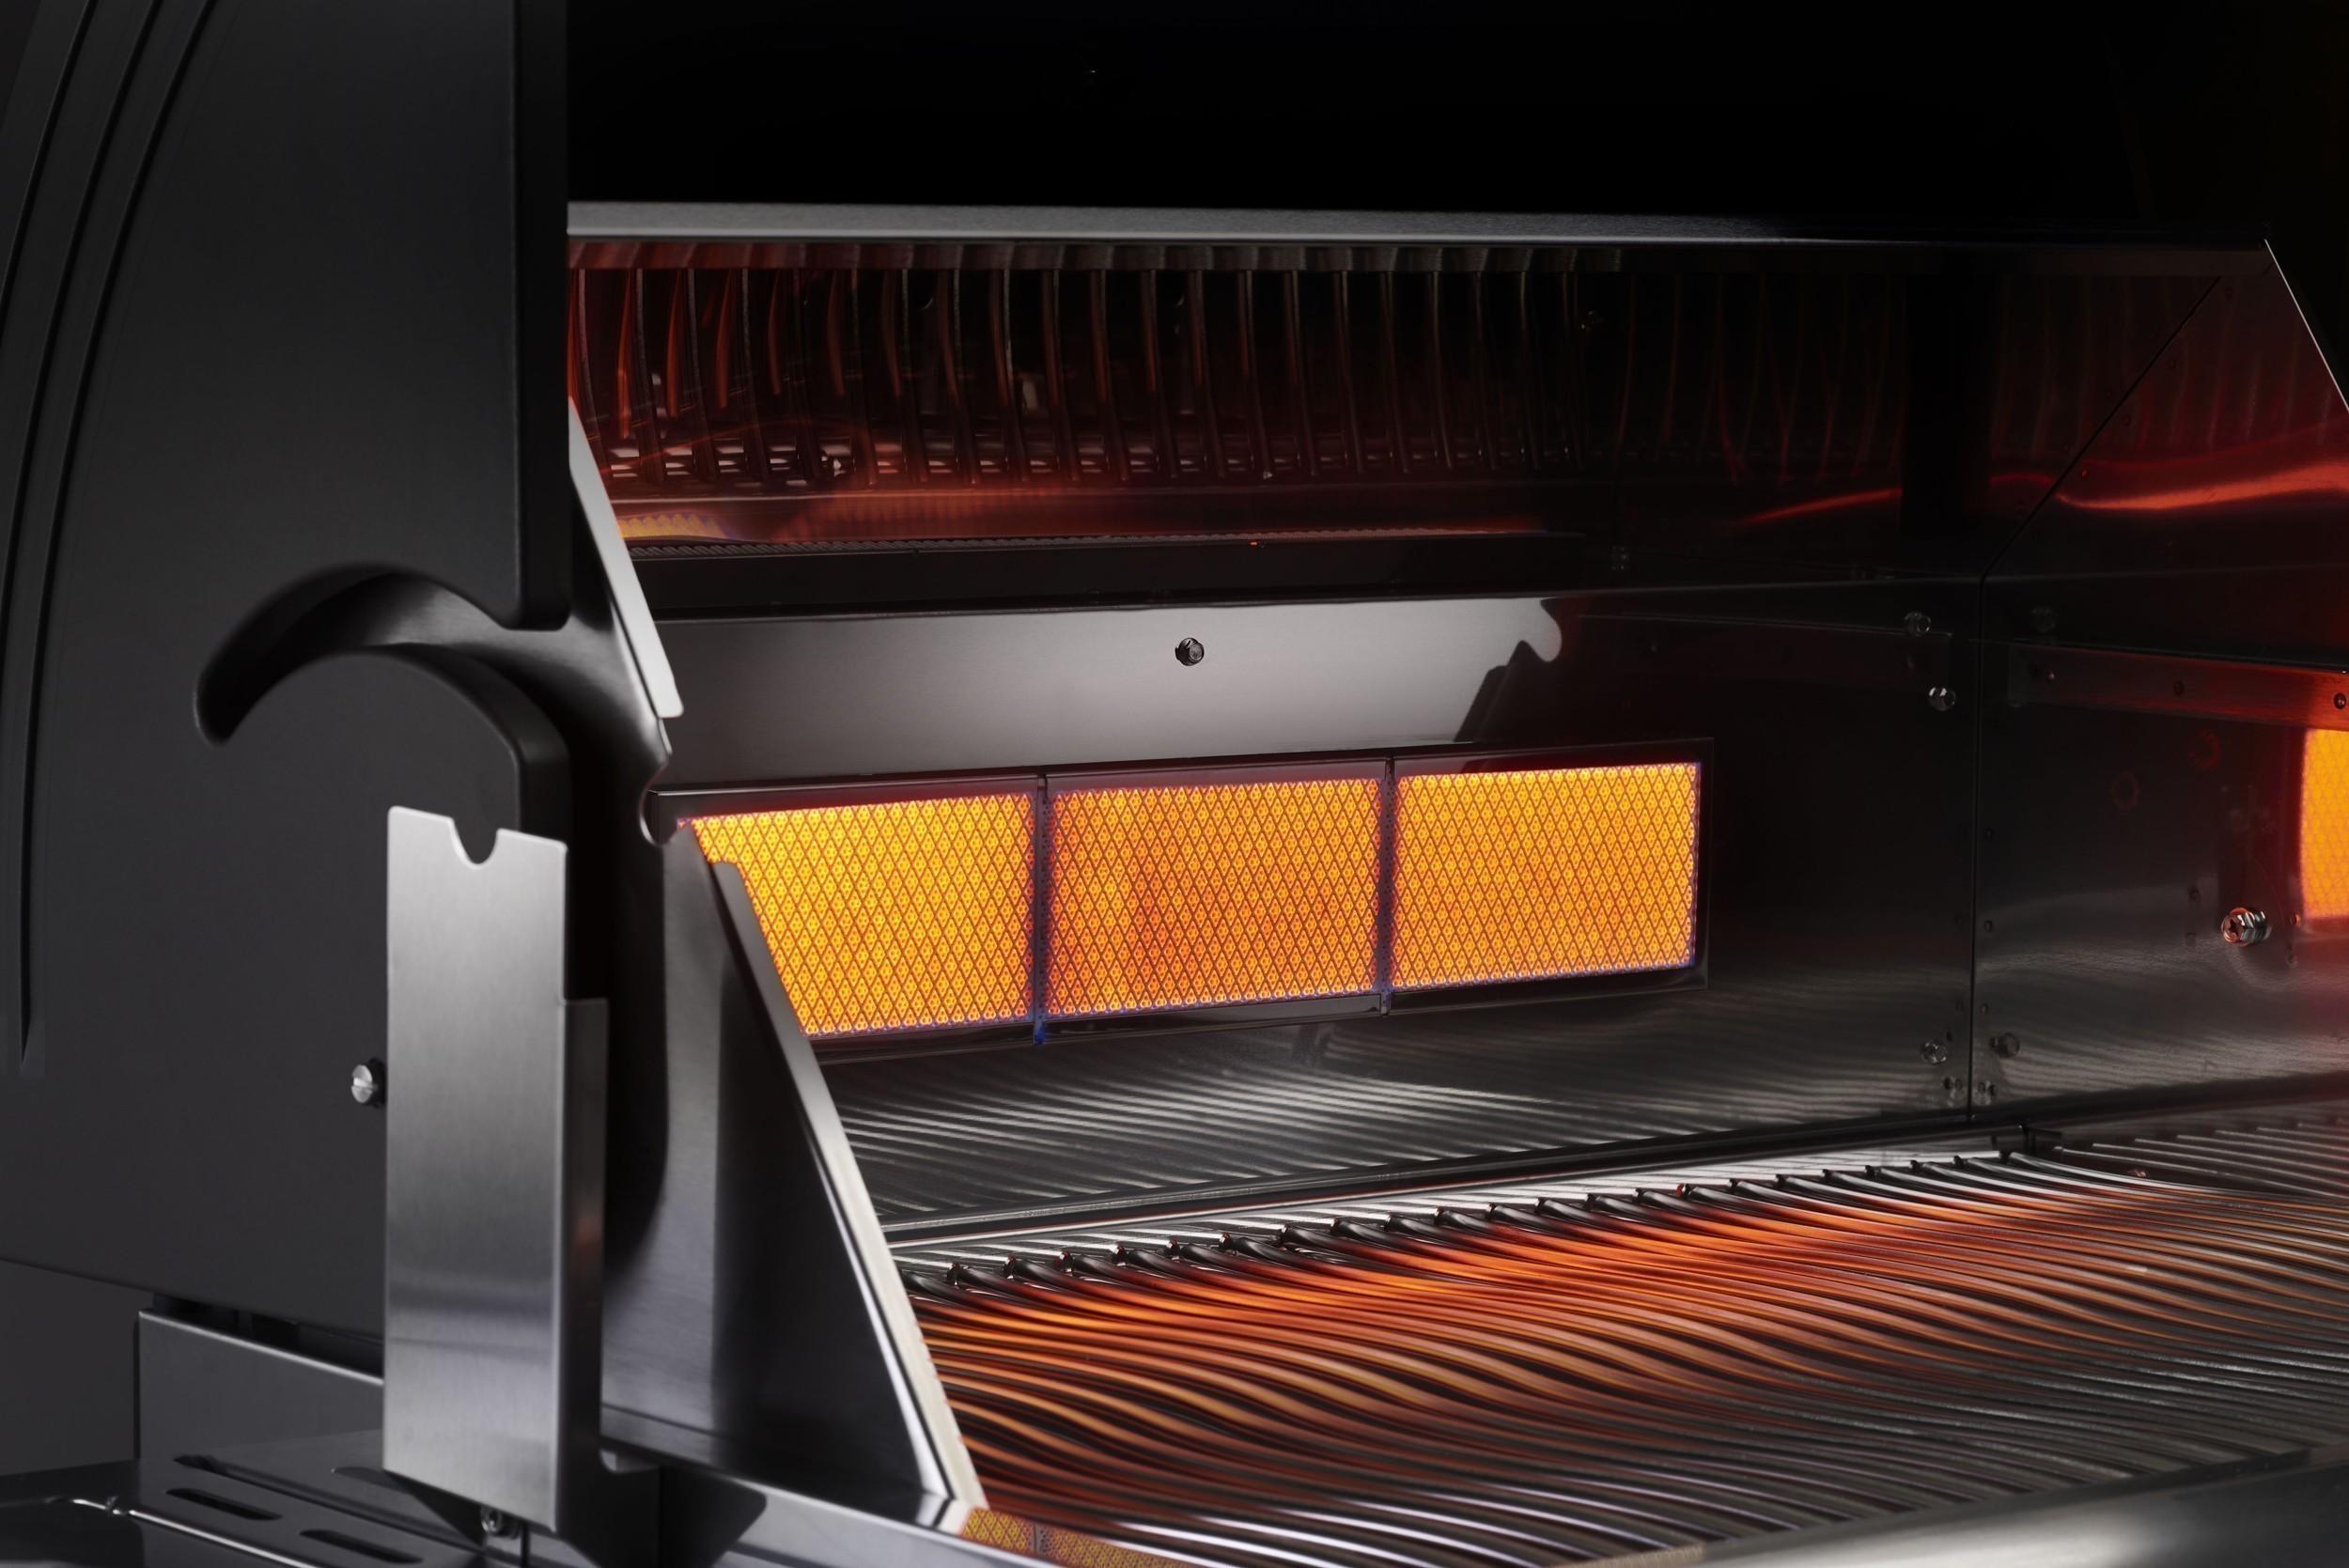 Billig Gasgrill Kaufen : Gasgrill grillwagen napoleon lex485 schwarz propangas bei